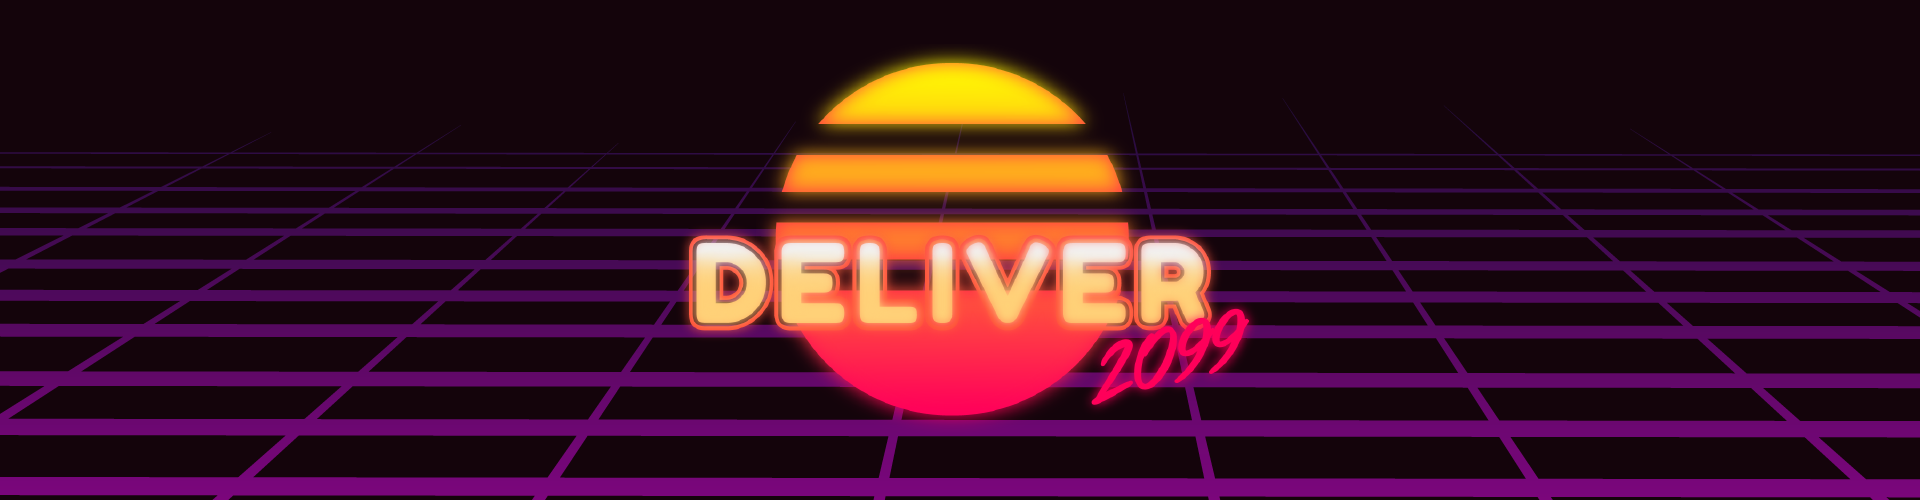 Deliver2099